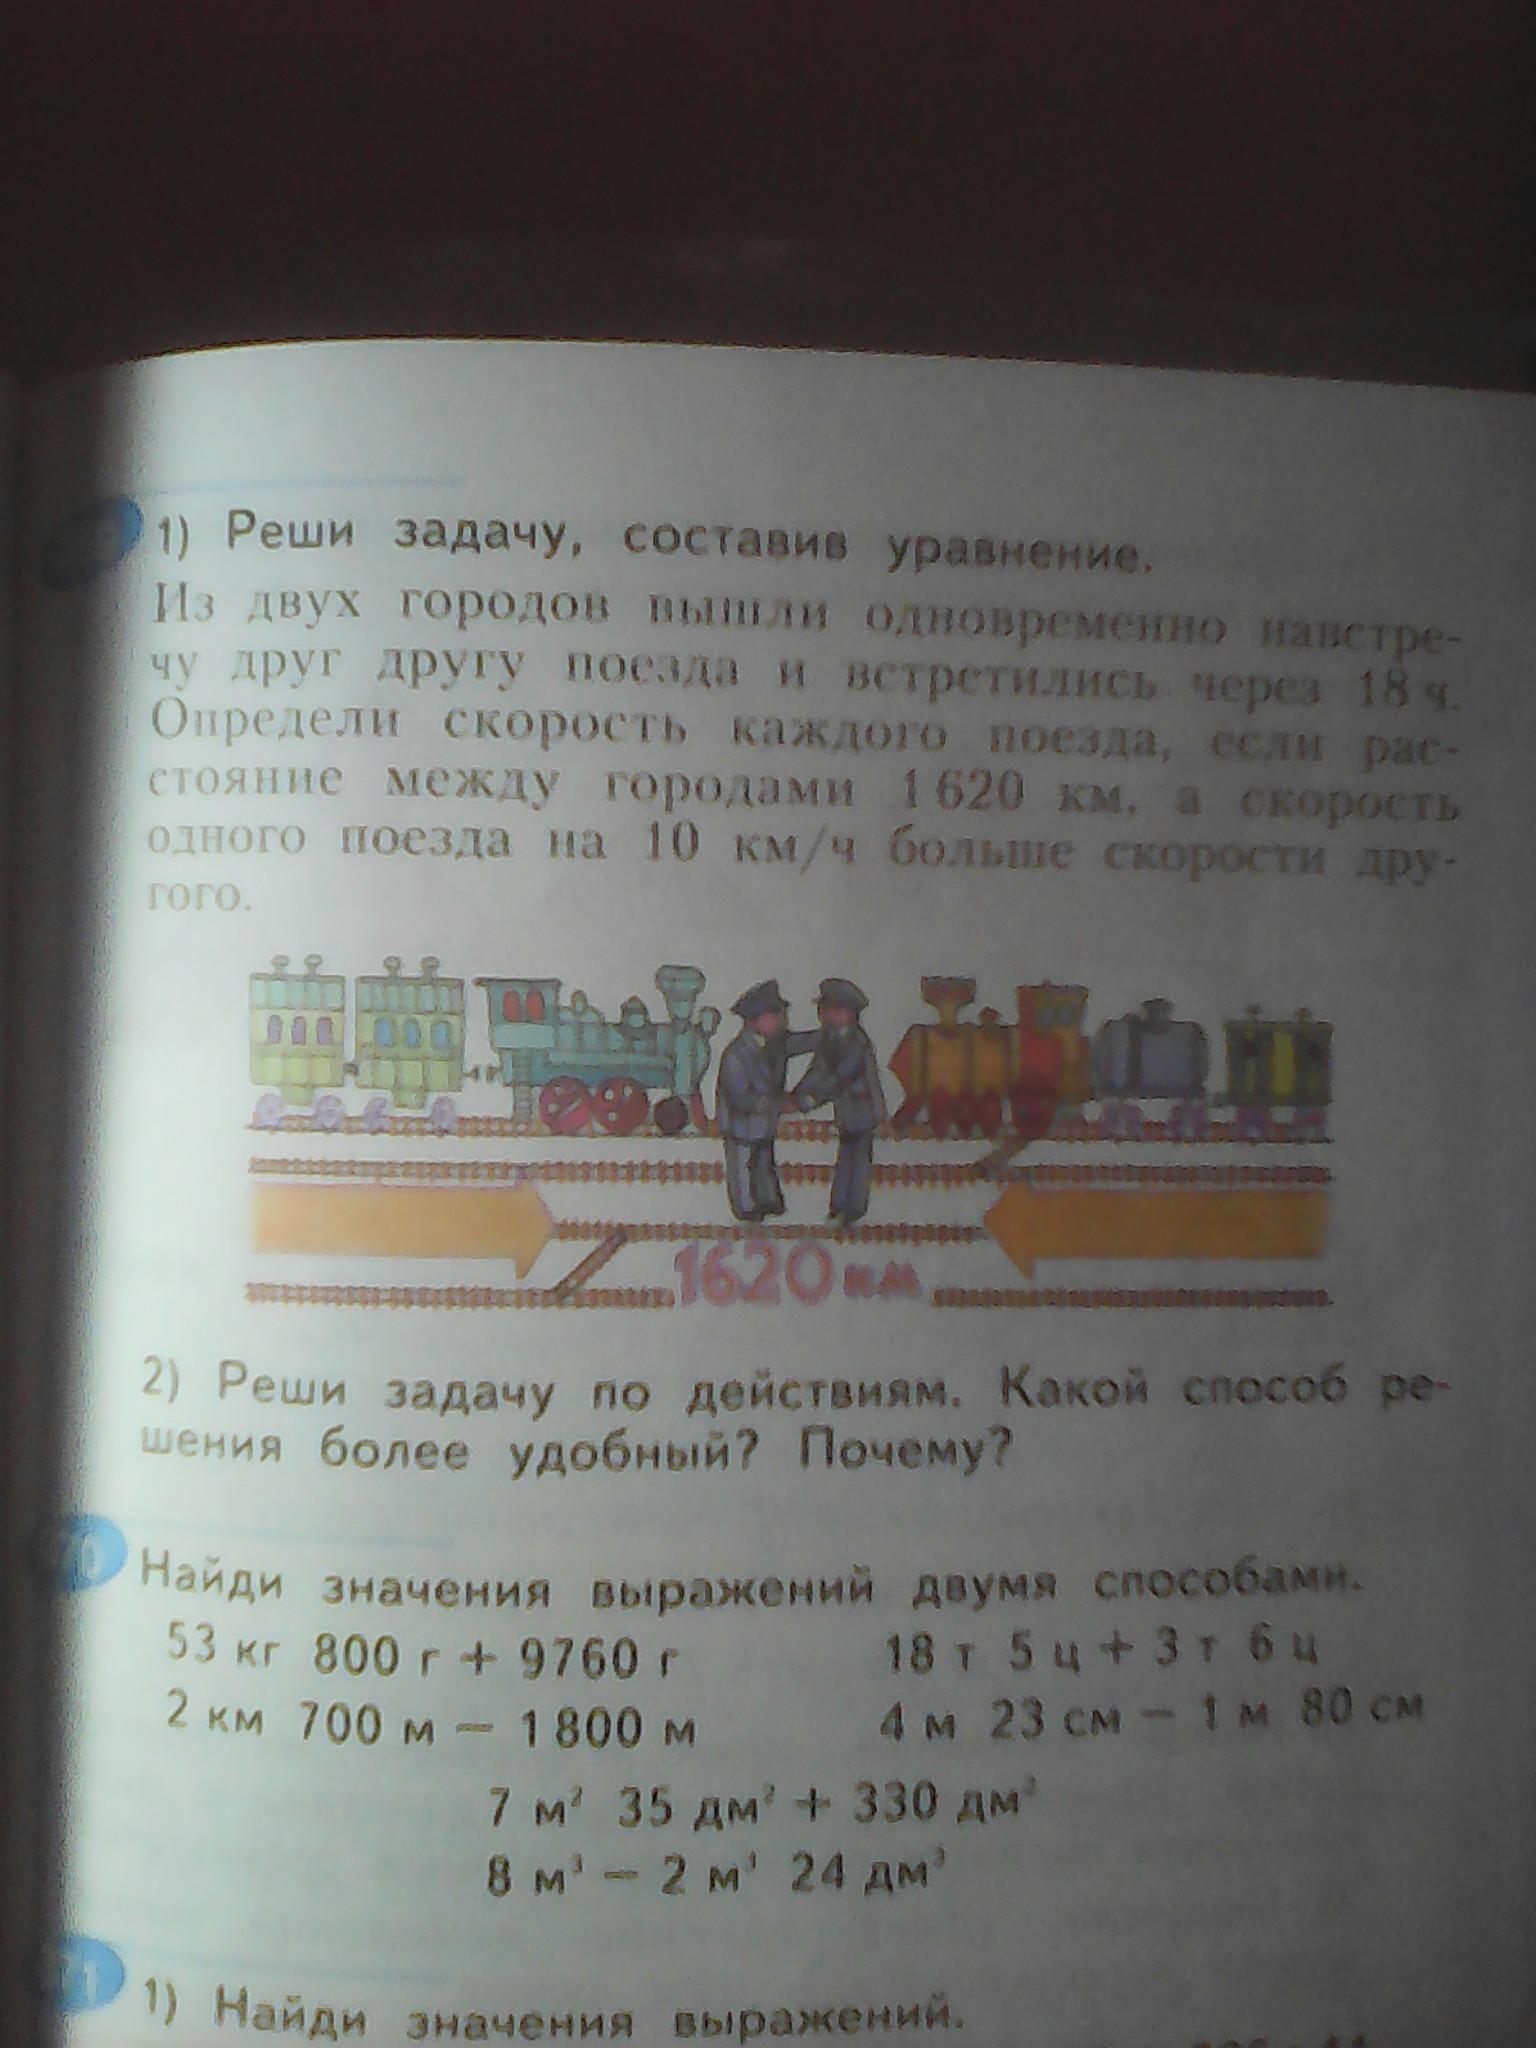 Реши задачу составив уравнением из двух городов решение задач к учебнику алгебра алимов